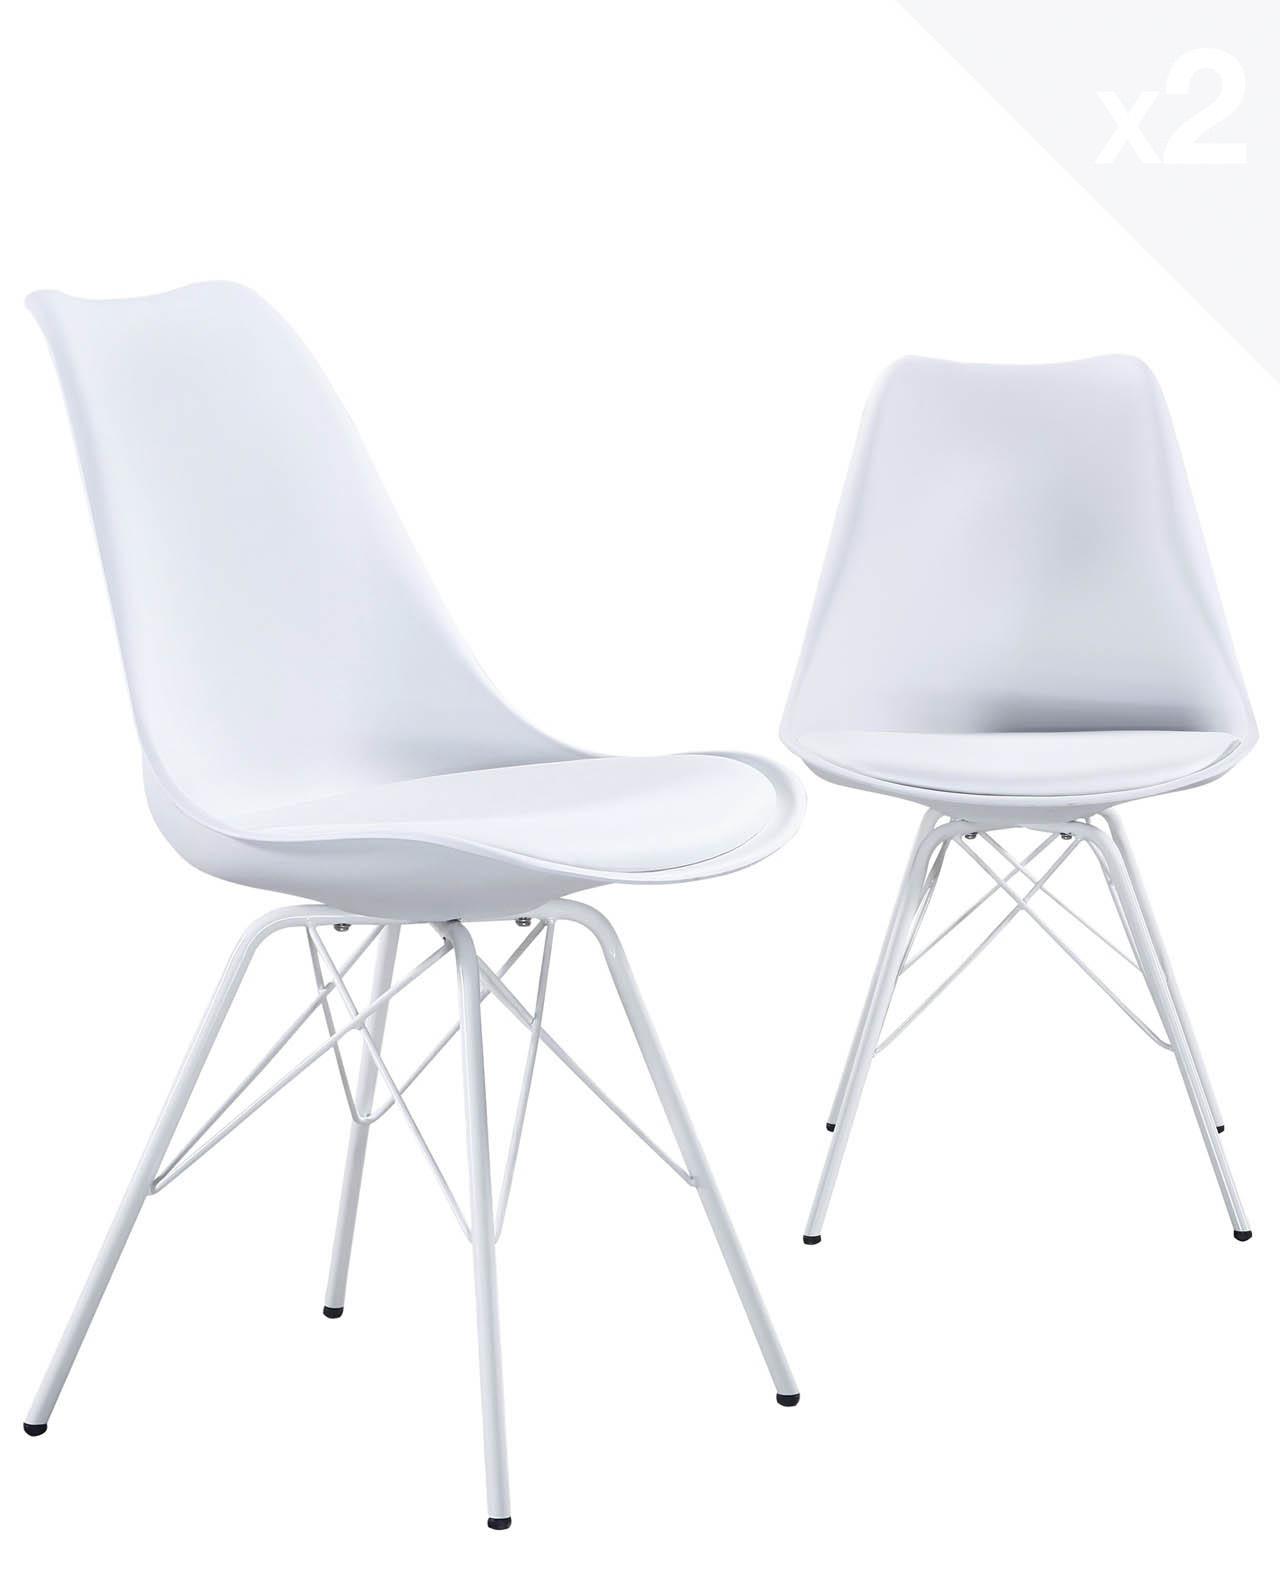 chaise design pied metal step lot de 2